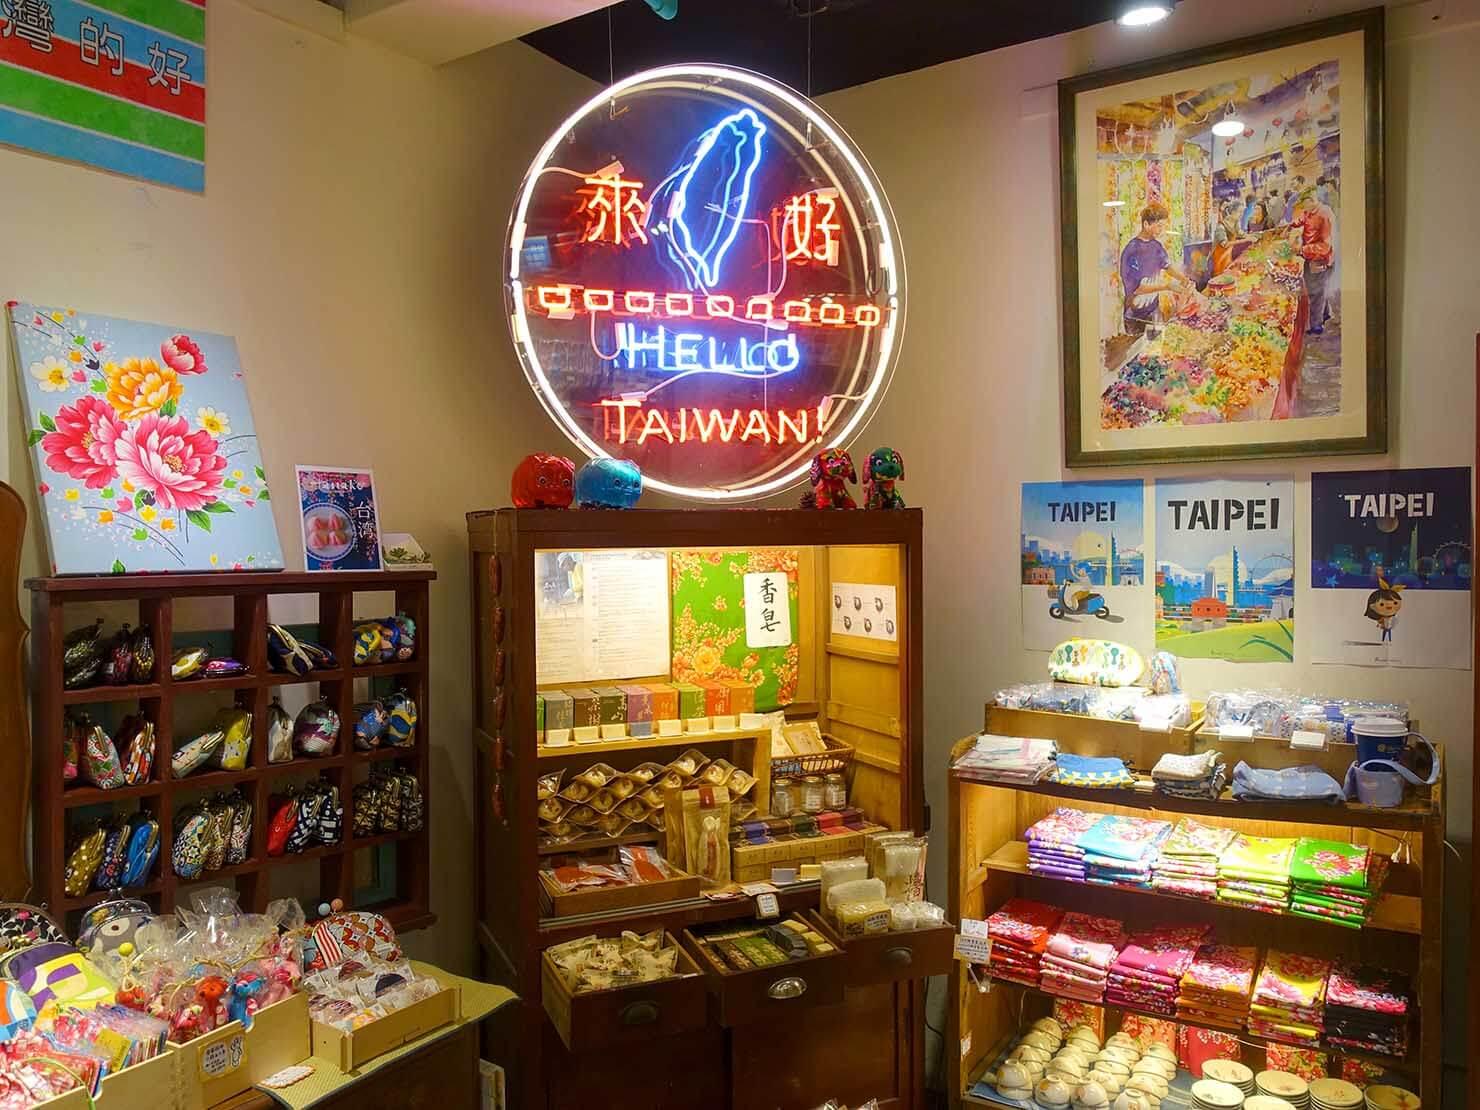 台北・永康街のおすすめおみやげショップ「來好 LAIHAO」のB1フロアにあるネオン管